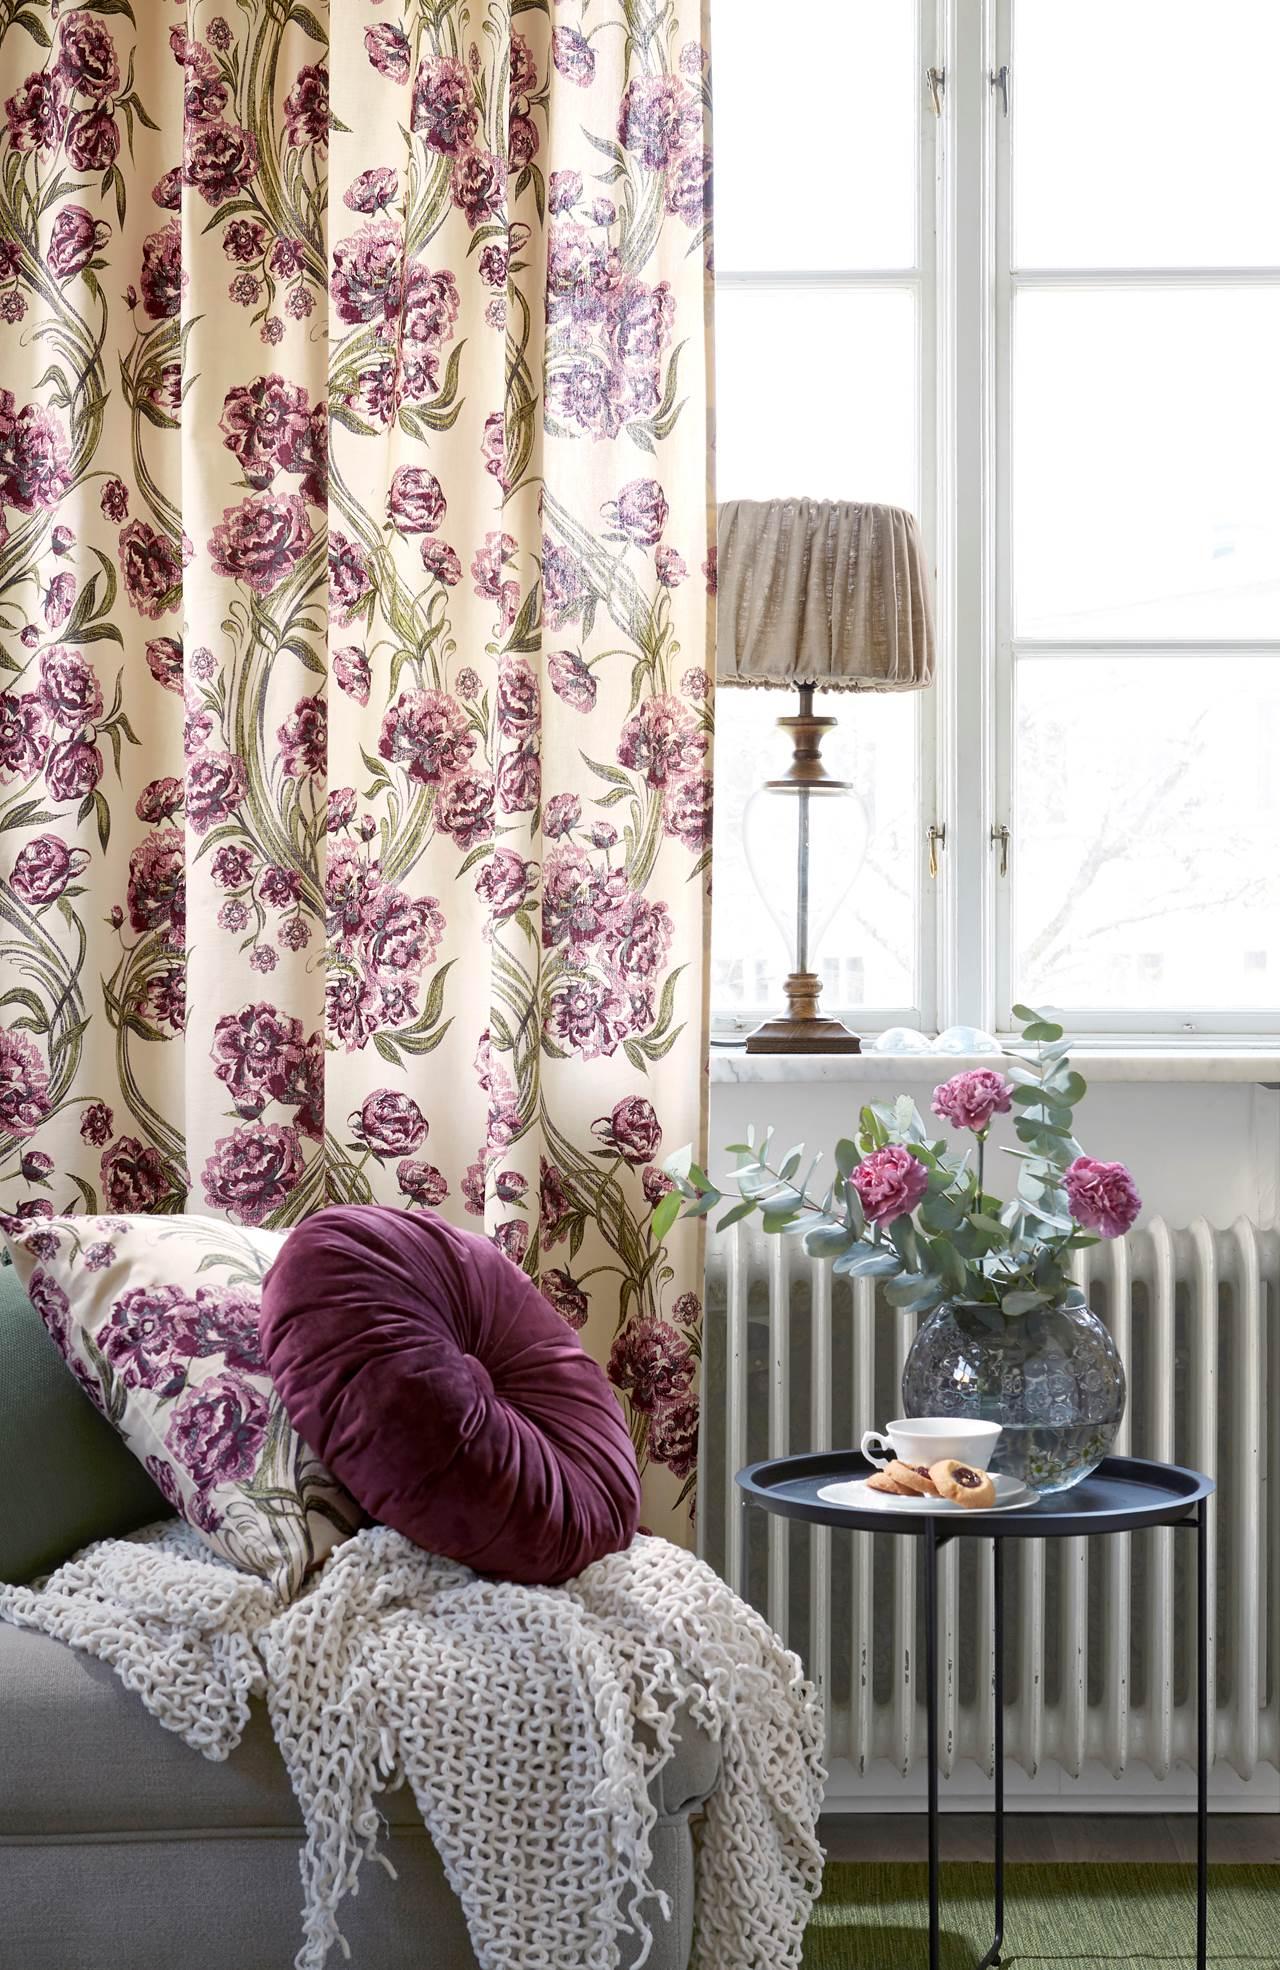 Urządziłaś pokój w minimalistycznym stylu skandynawskim? Rzucisz go dla stylu prowansalskiego